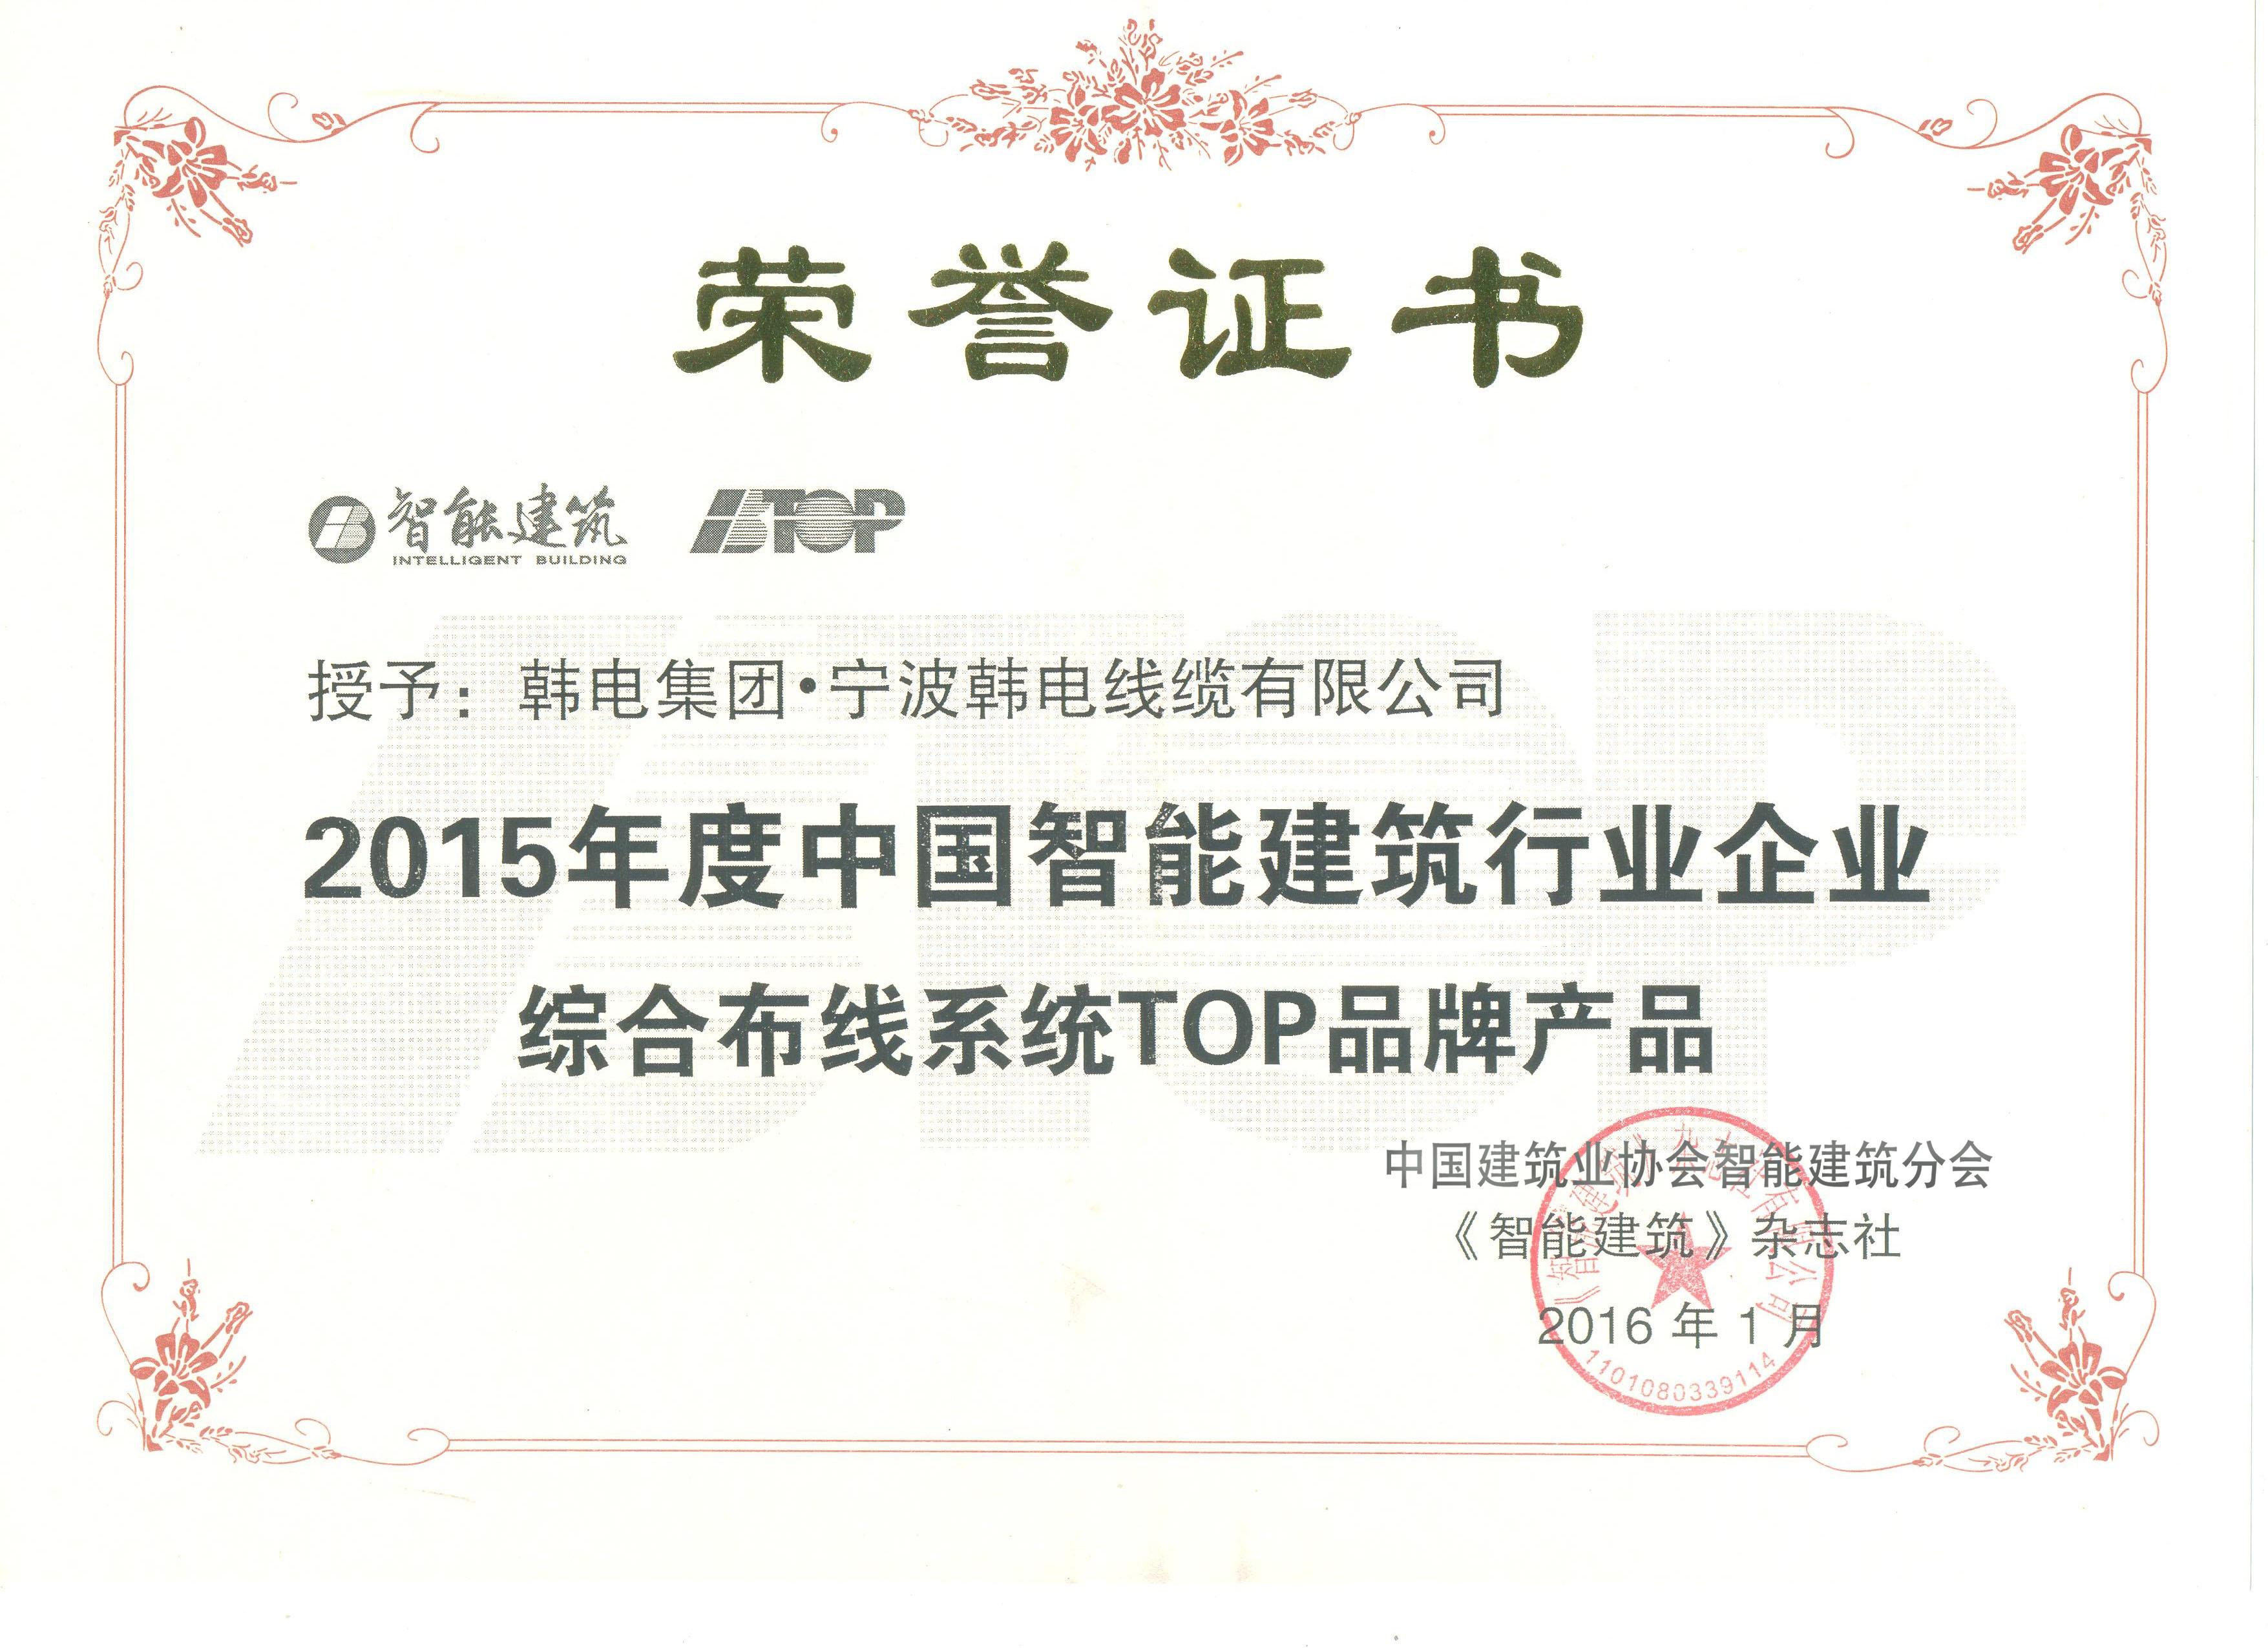 2015年度中國智能建筑行業企業綜合布線系統TOP品牌產品